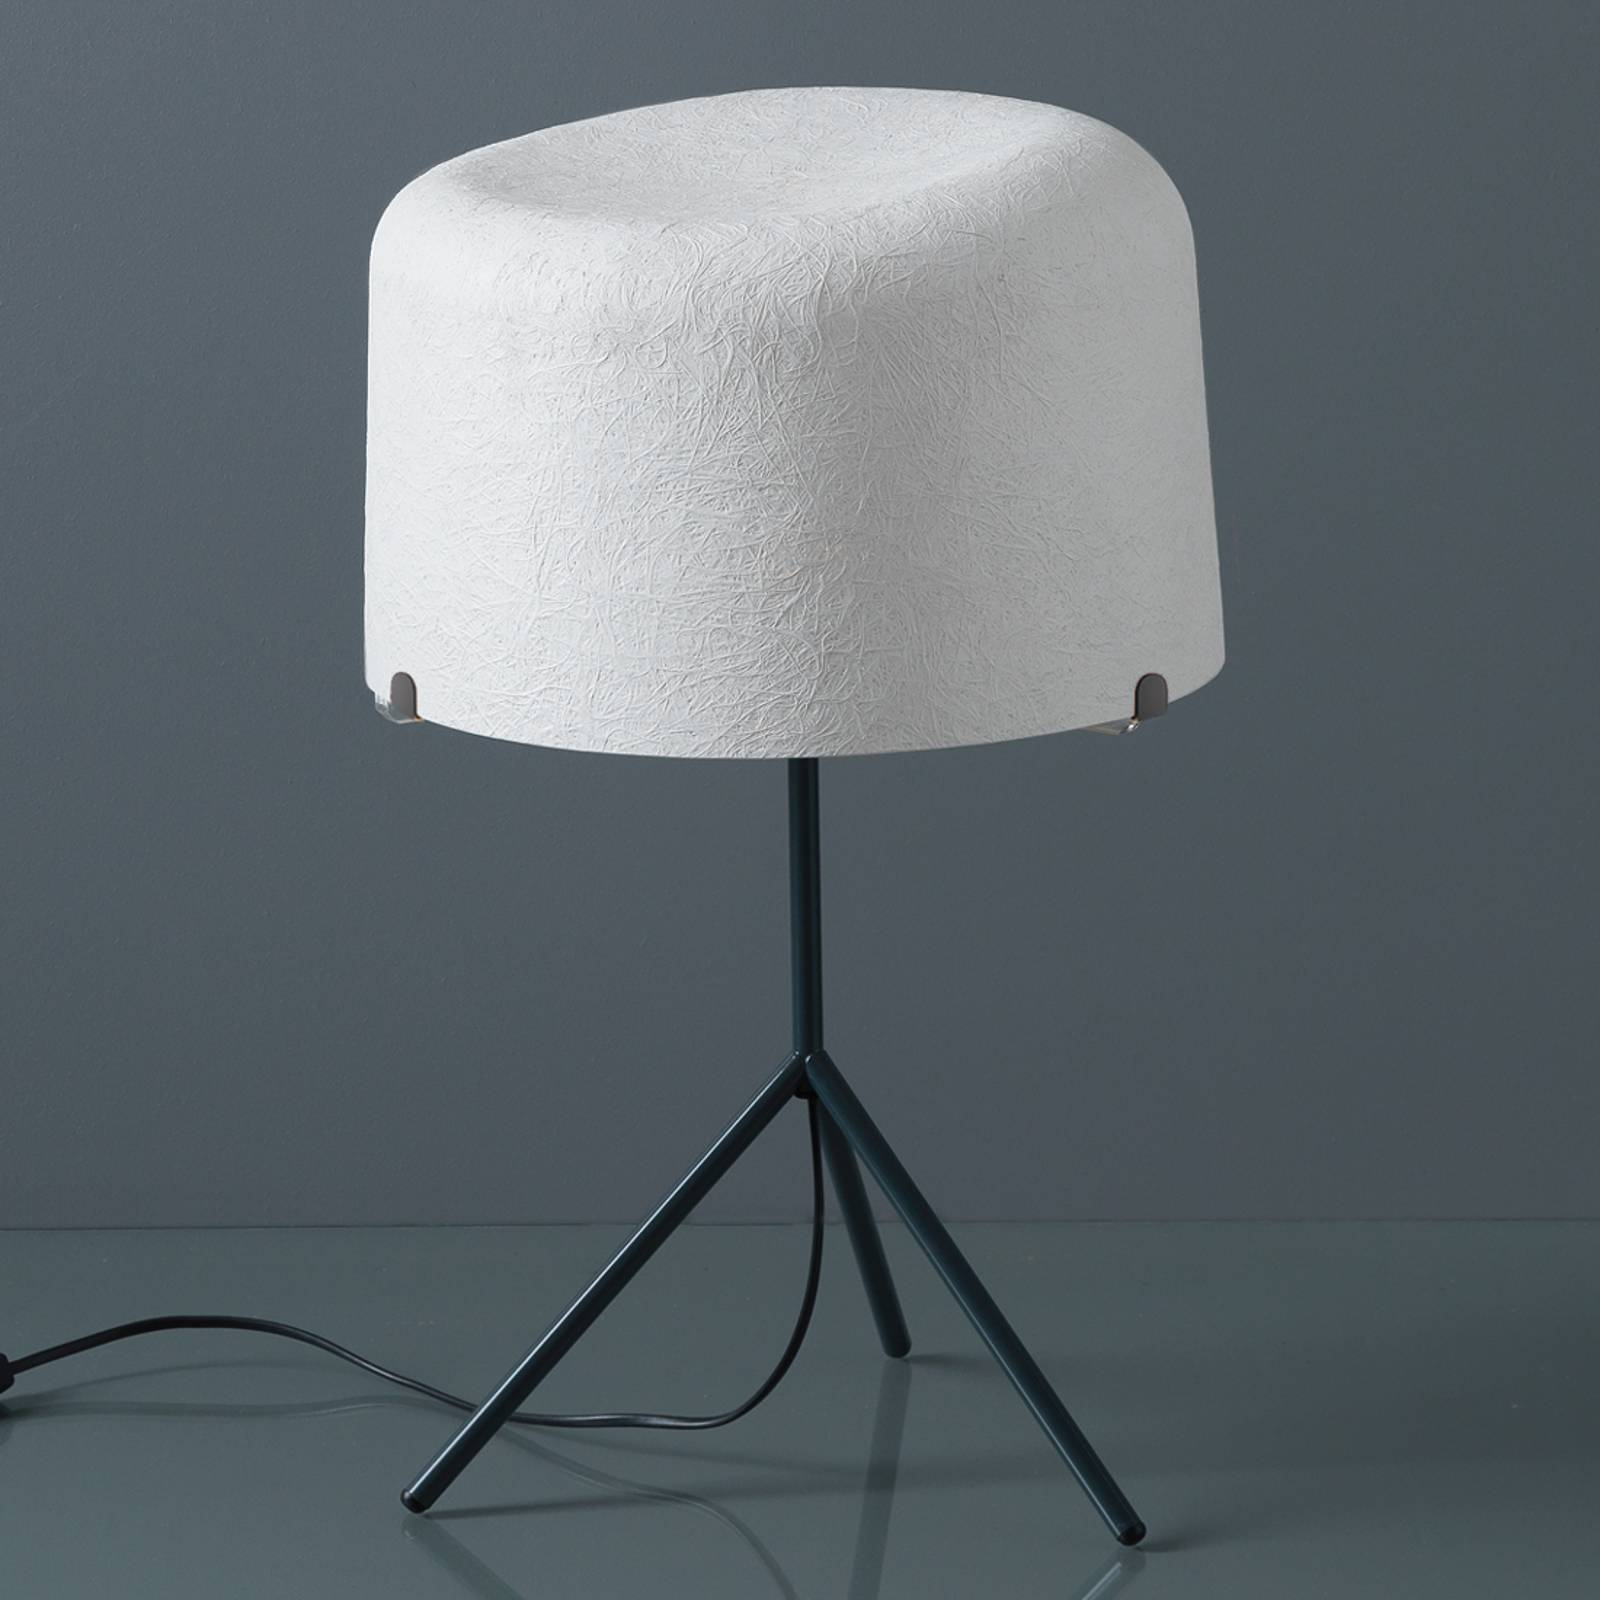 Pöytävalaisin Ola lasikuitua, valkoinen, K 53 cm